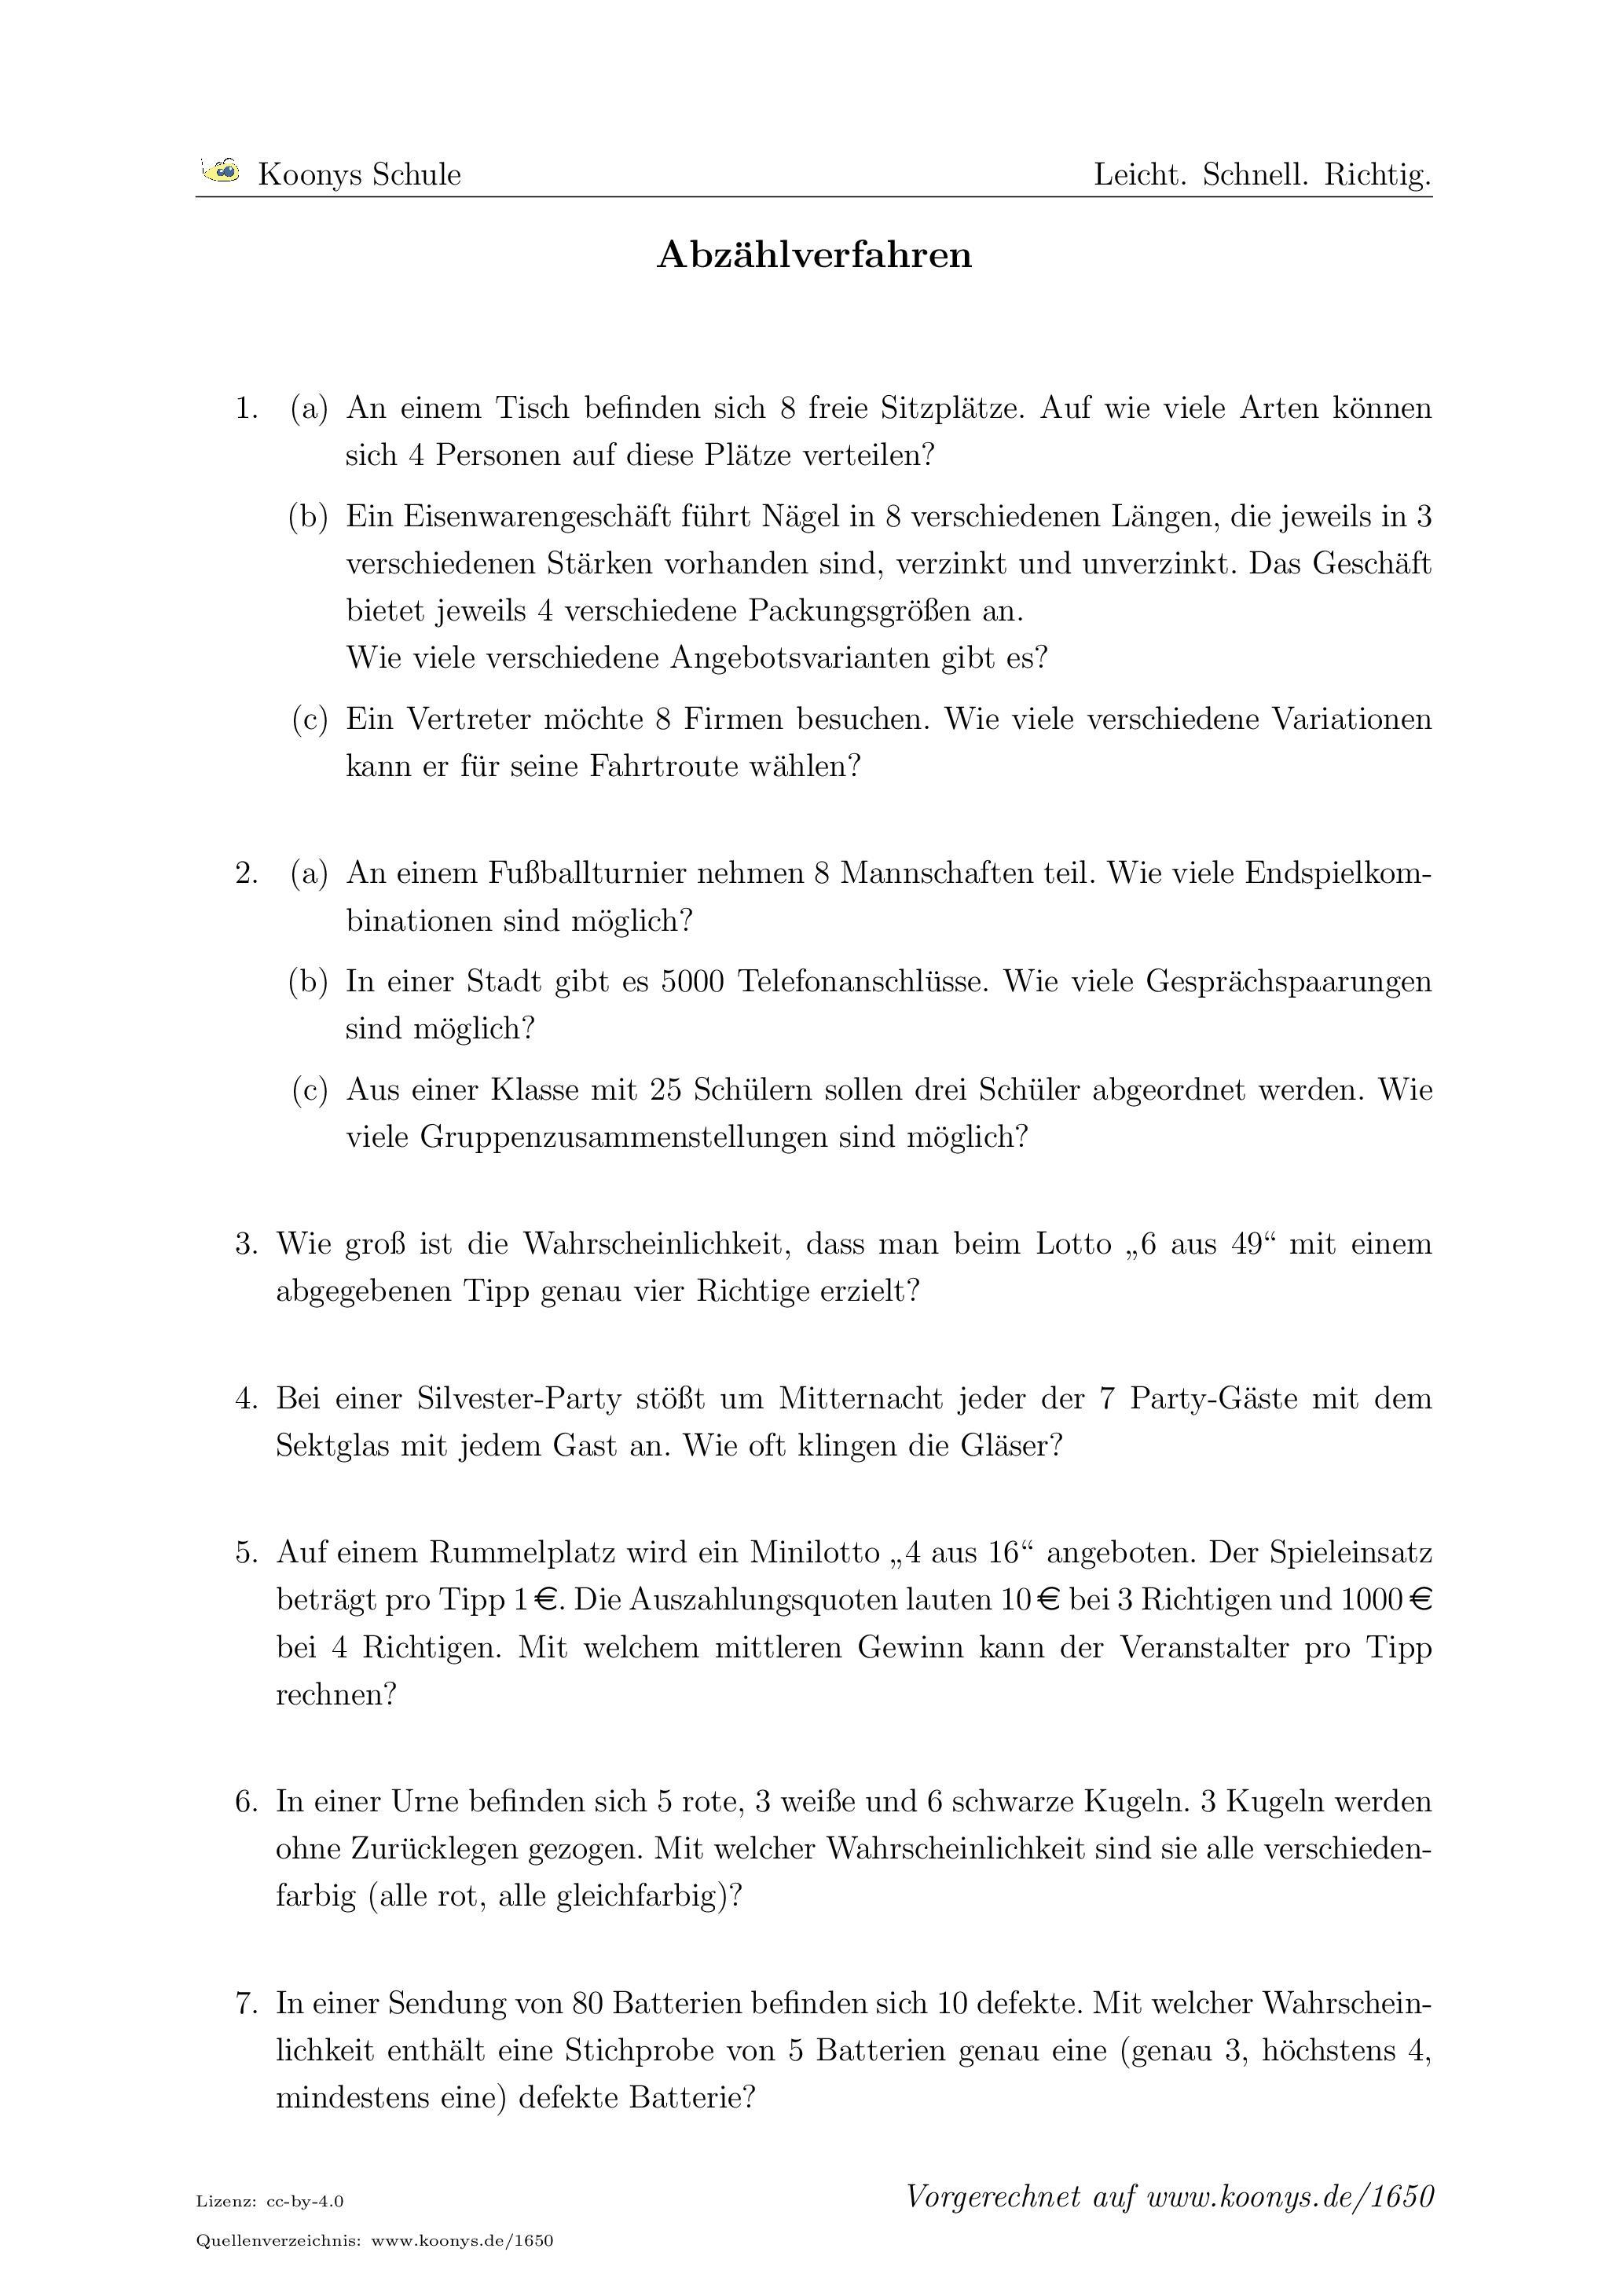 Aufgaben Abzählverfahren mit Lösungen | Koonys Schule #1650